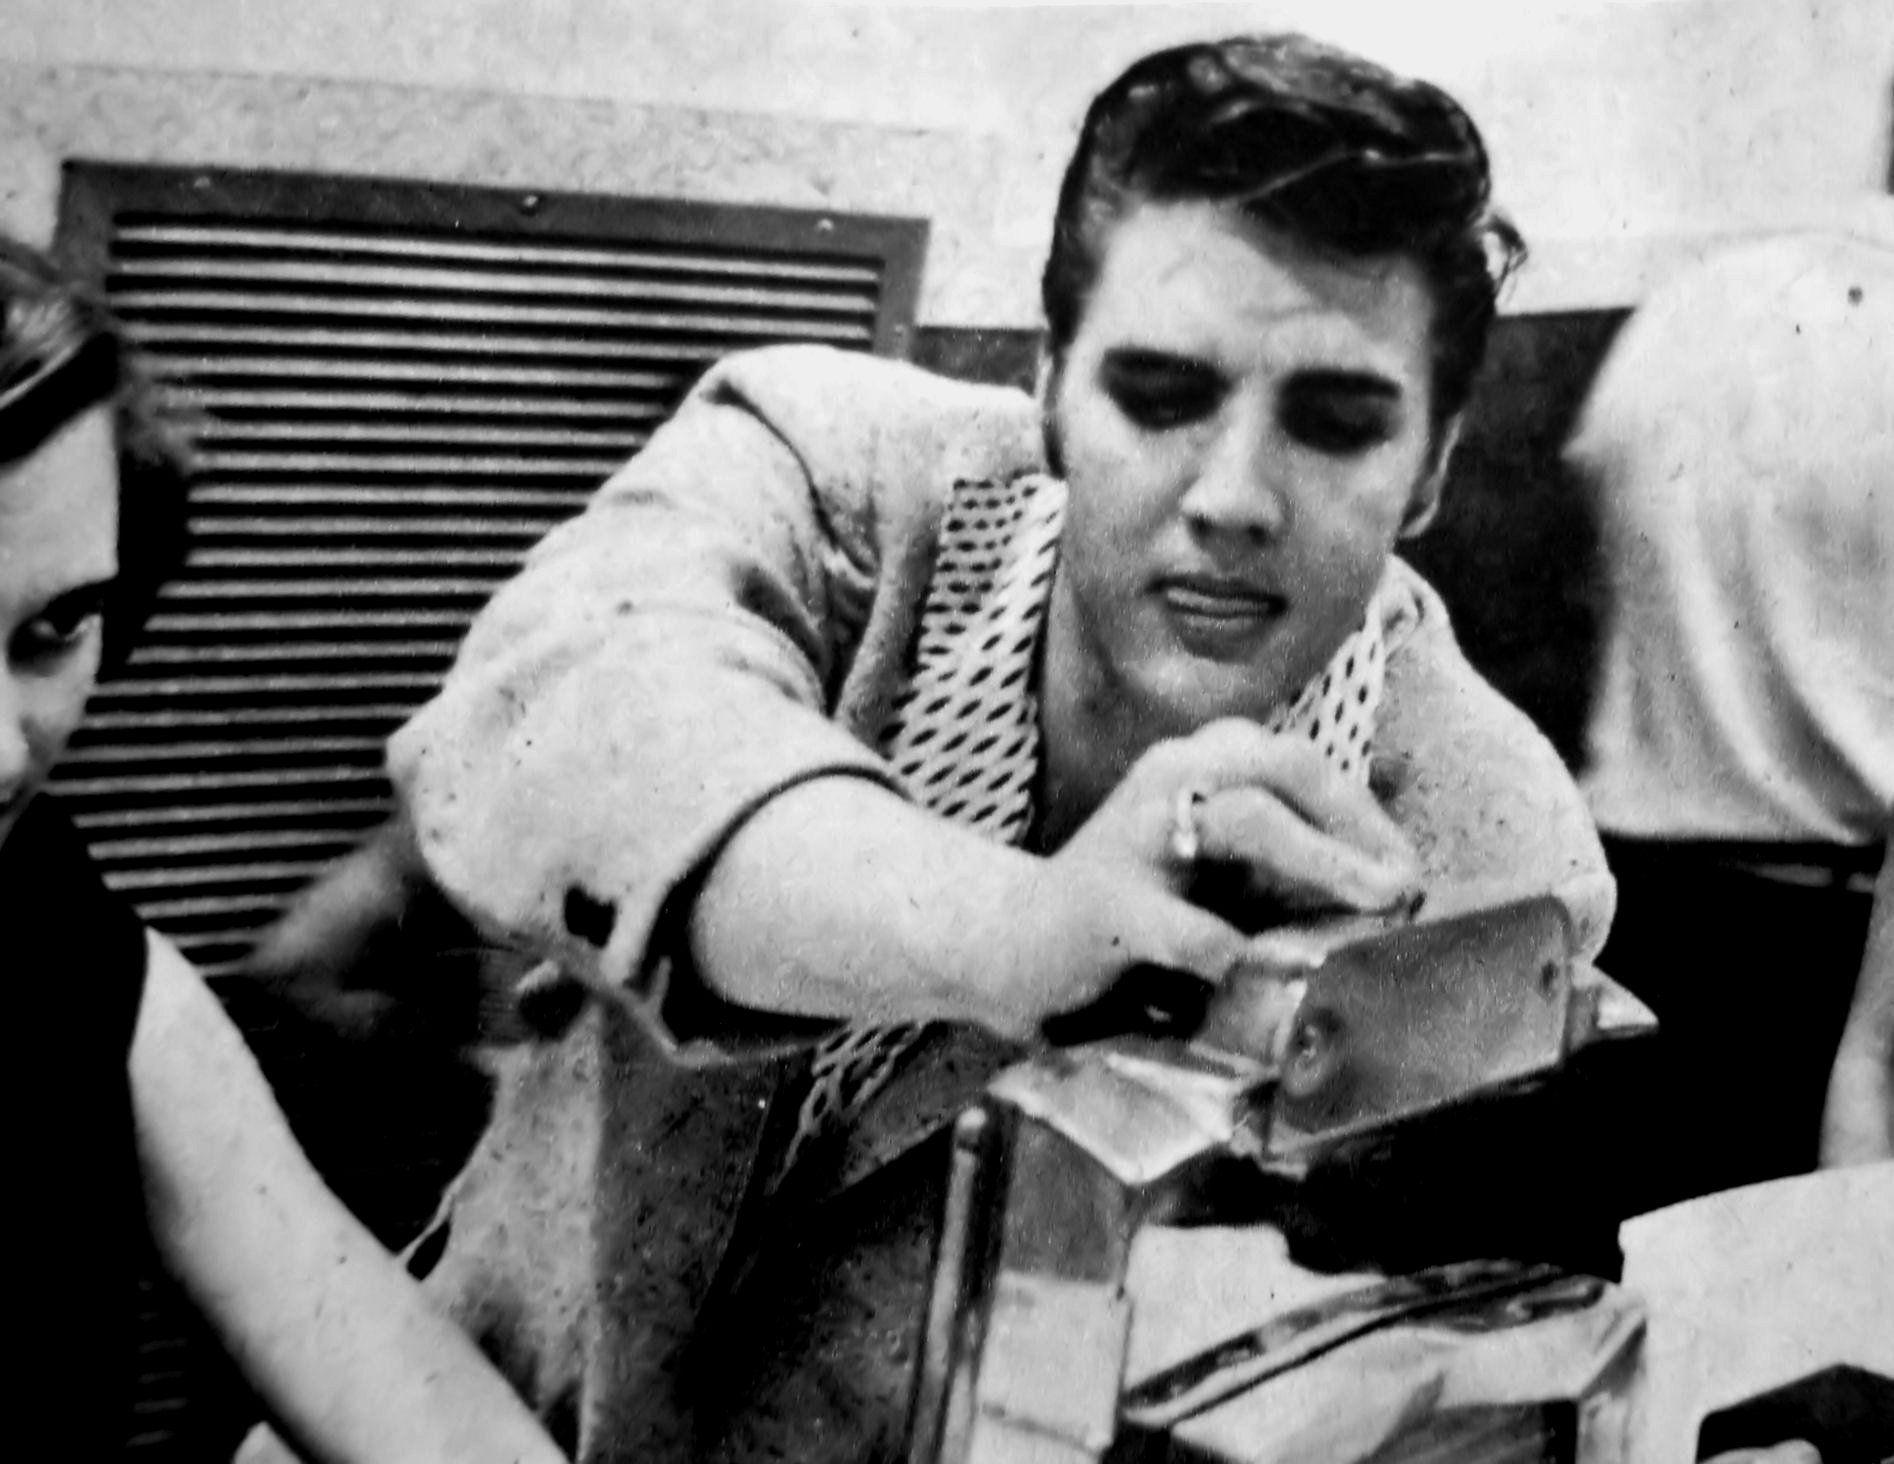 Elvis In Memphis On June 19,1956 Wonder What Song He